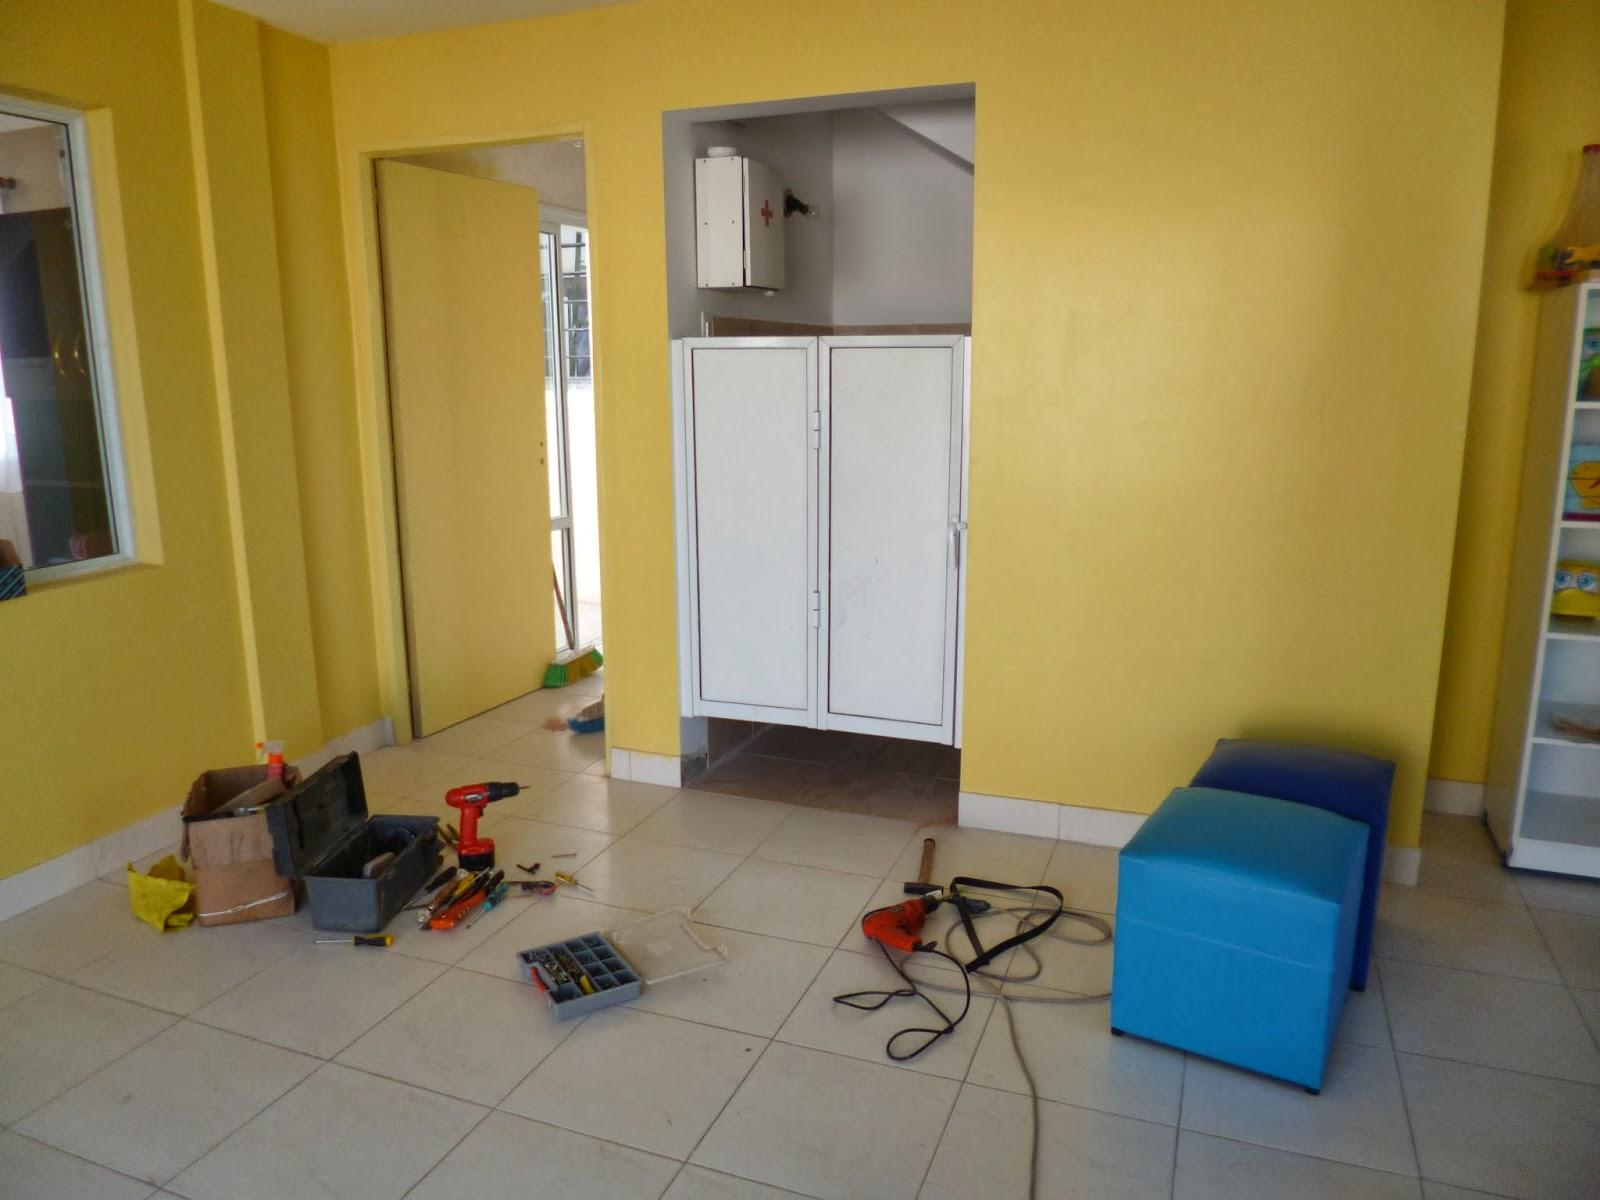 Puertas De Aluminio Para Baño Sencillas: de Aluminio): puertas para baño adaptadas para un maternal de uno a 4